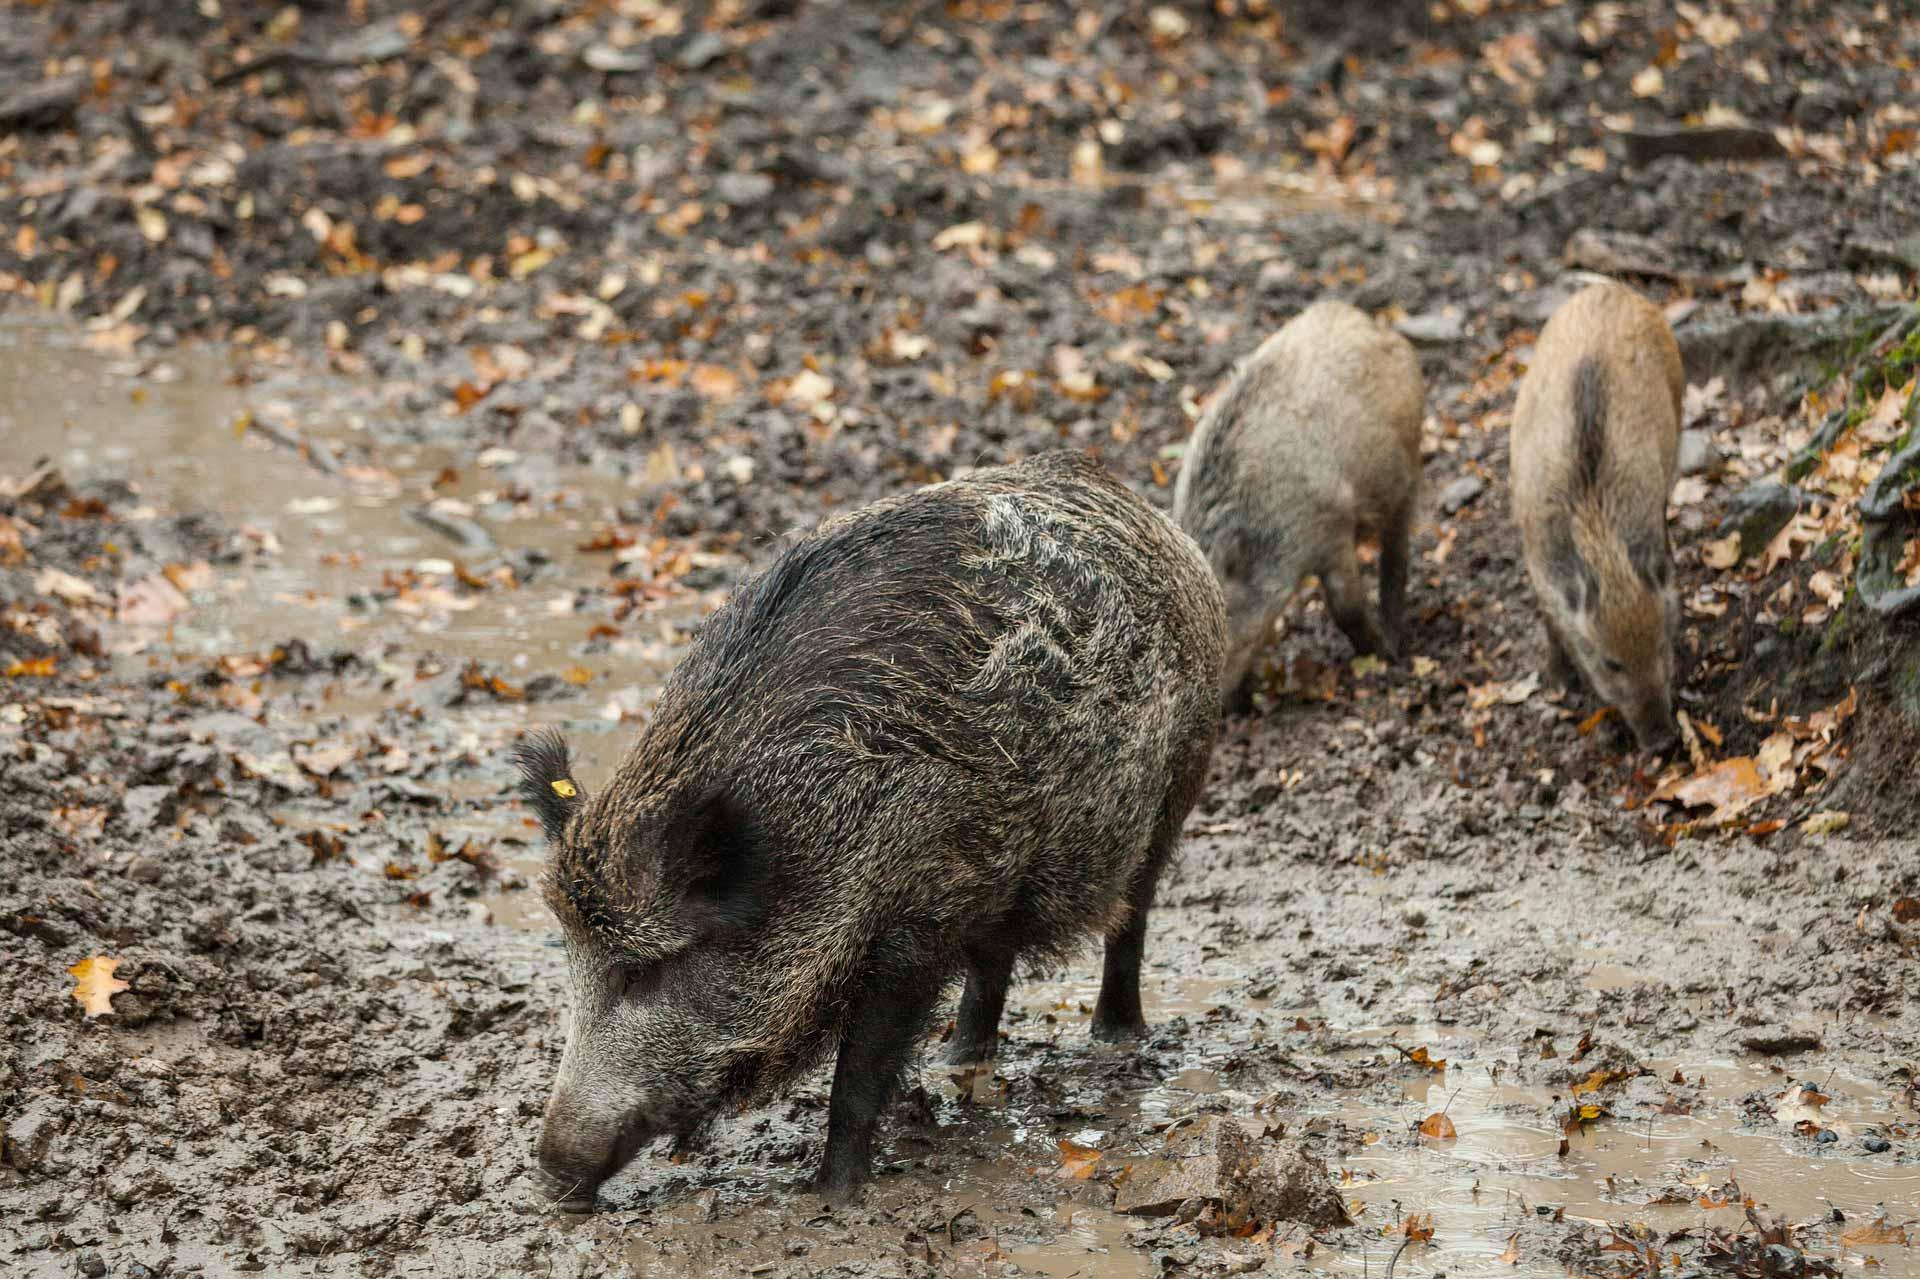 In Belgien ist es zu Festnahmen im Zusammenhang mit der ASP gekommen. Mehrere Beamte der örtlichen Forstbehörde mussten sich vor Polizei rechtfertigen.